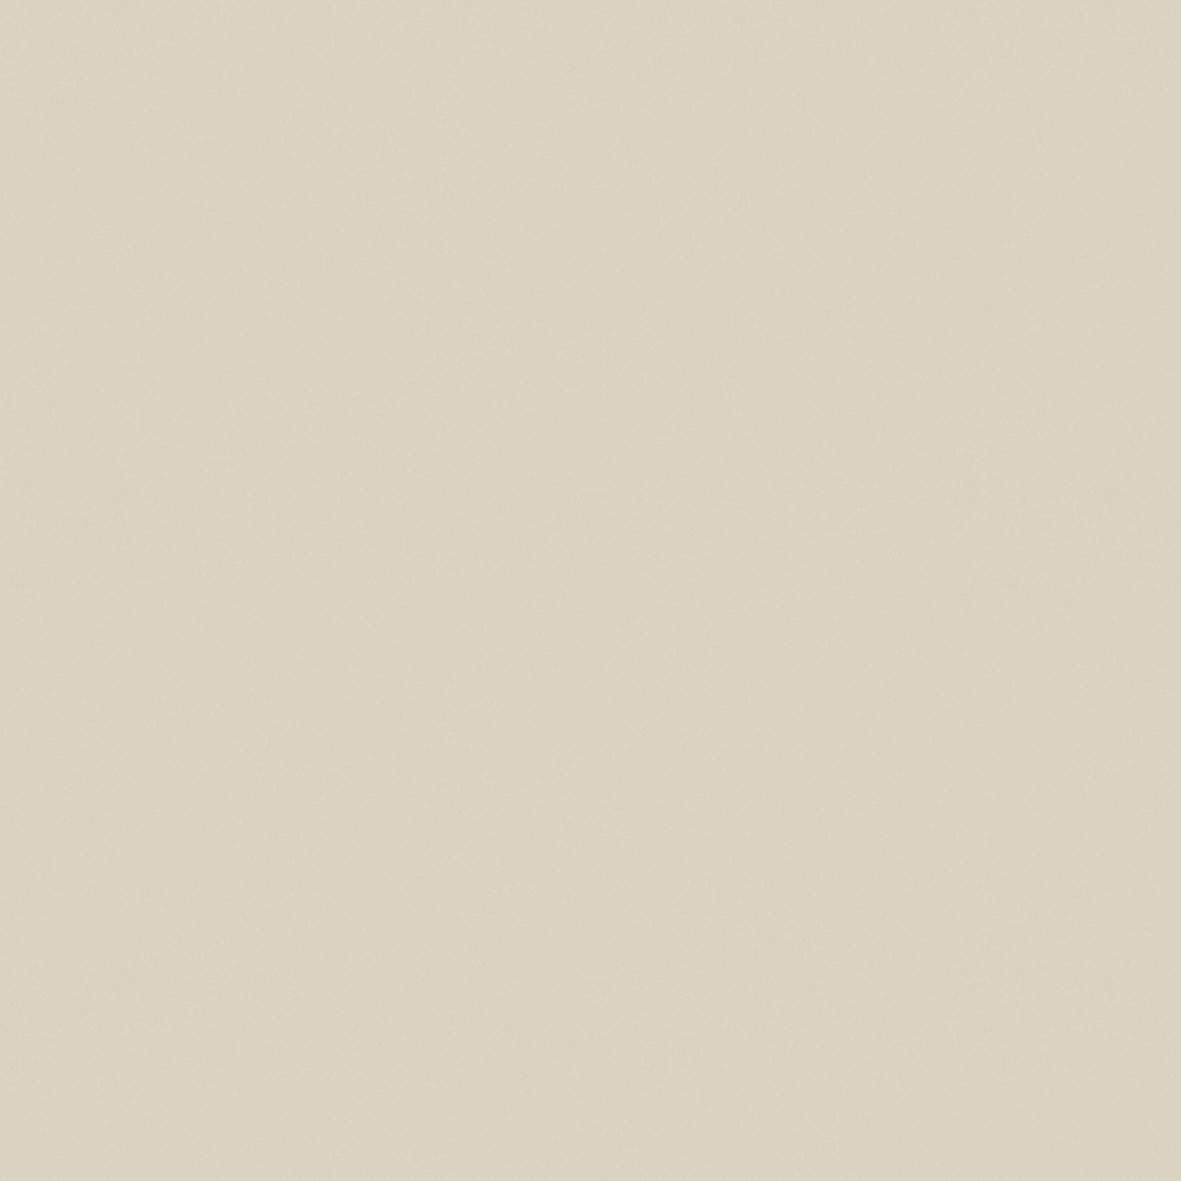 Roller_Swatch_Palette_Vanilla_RE0082_